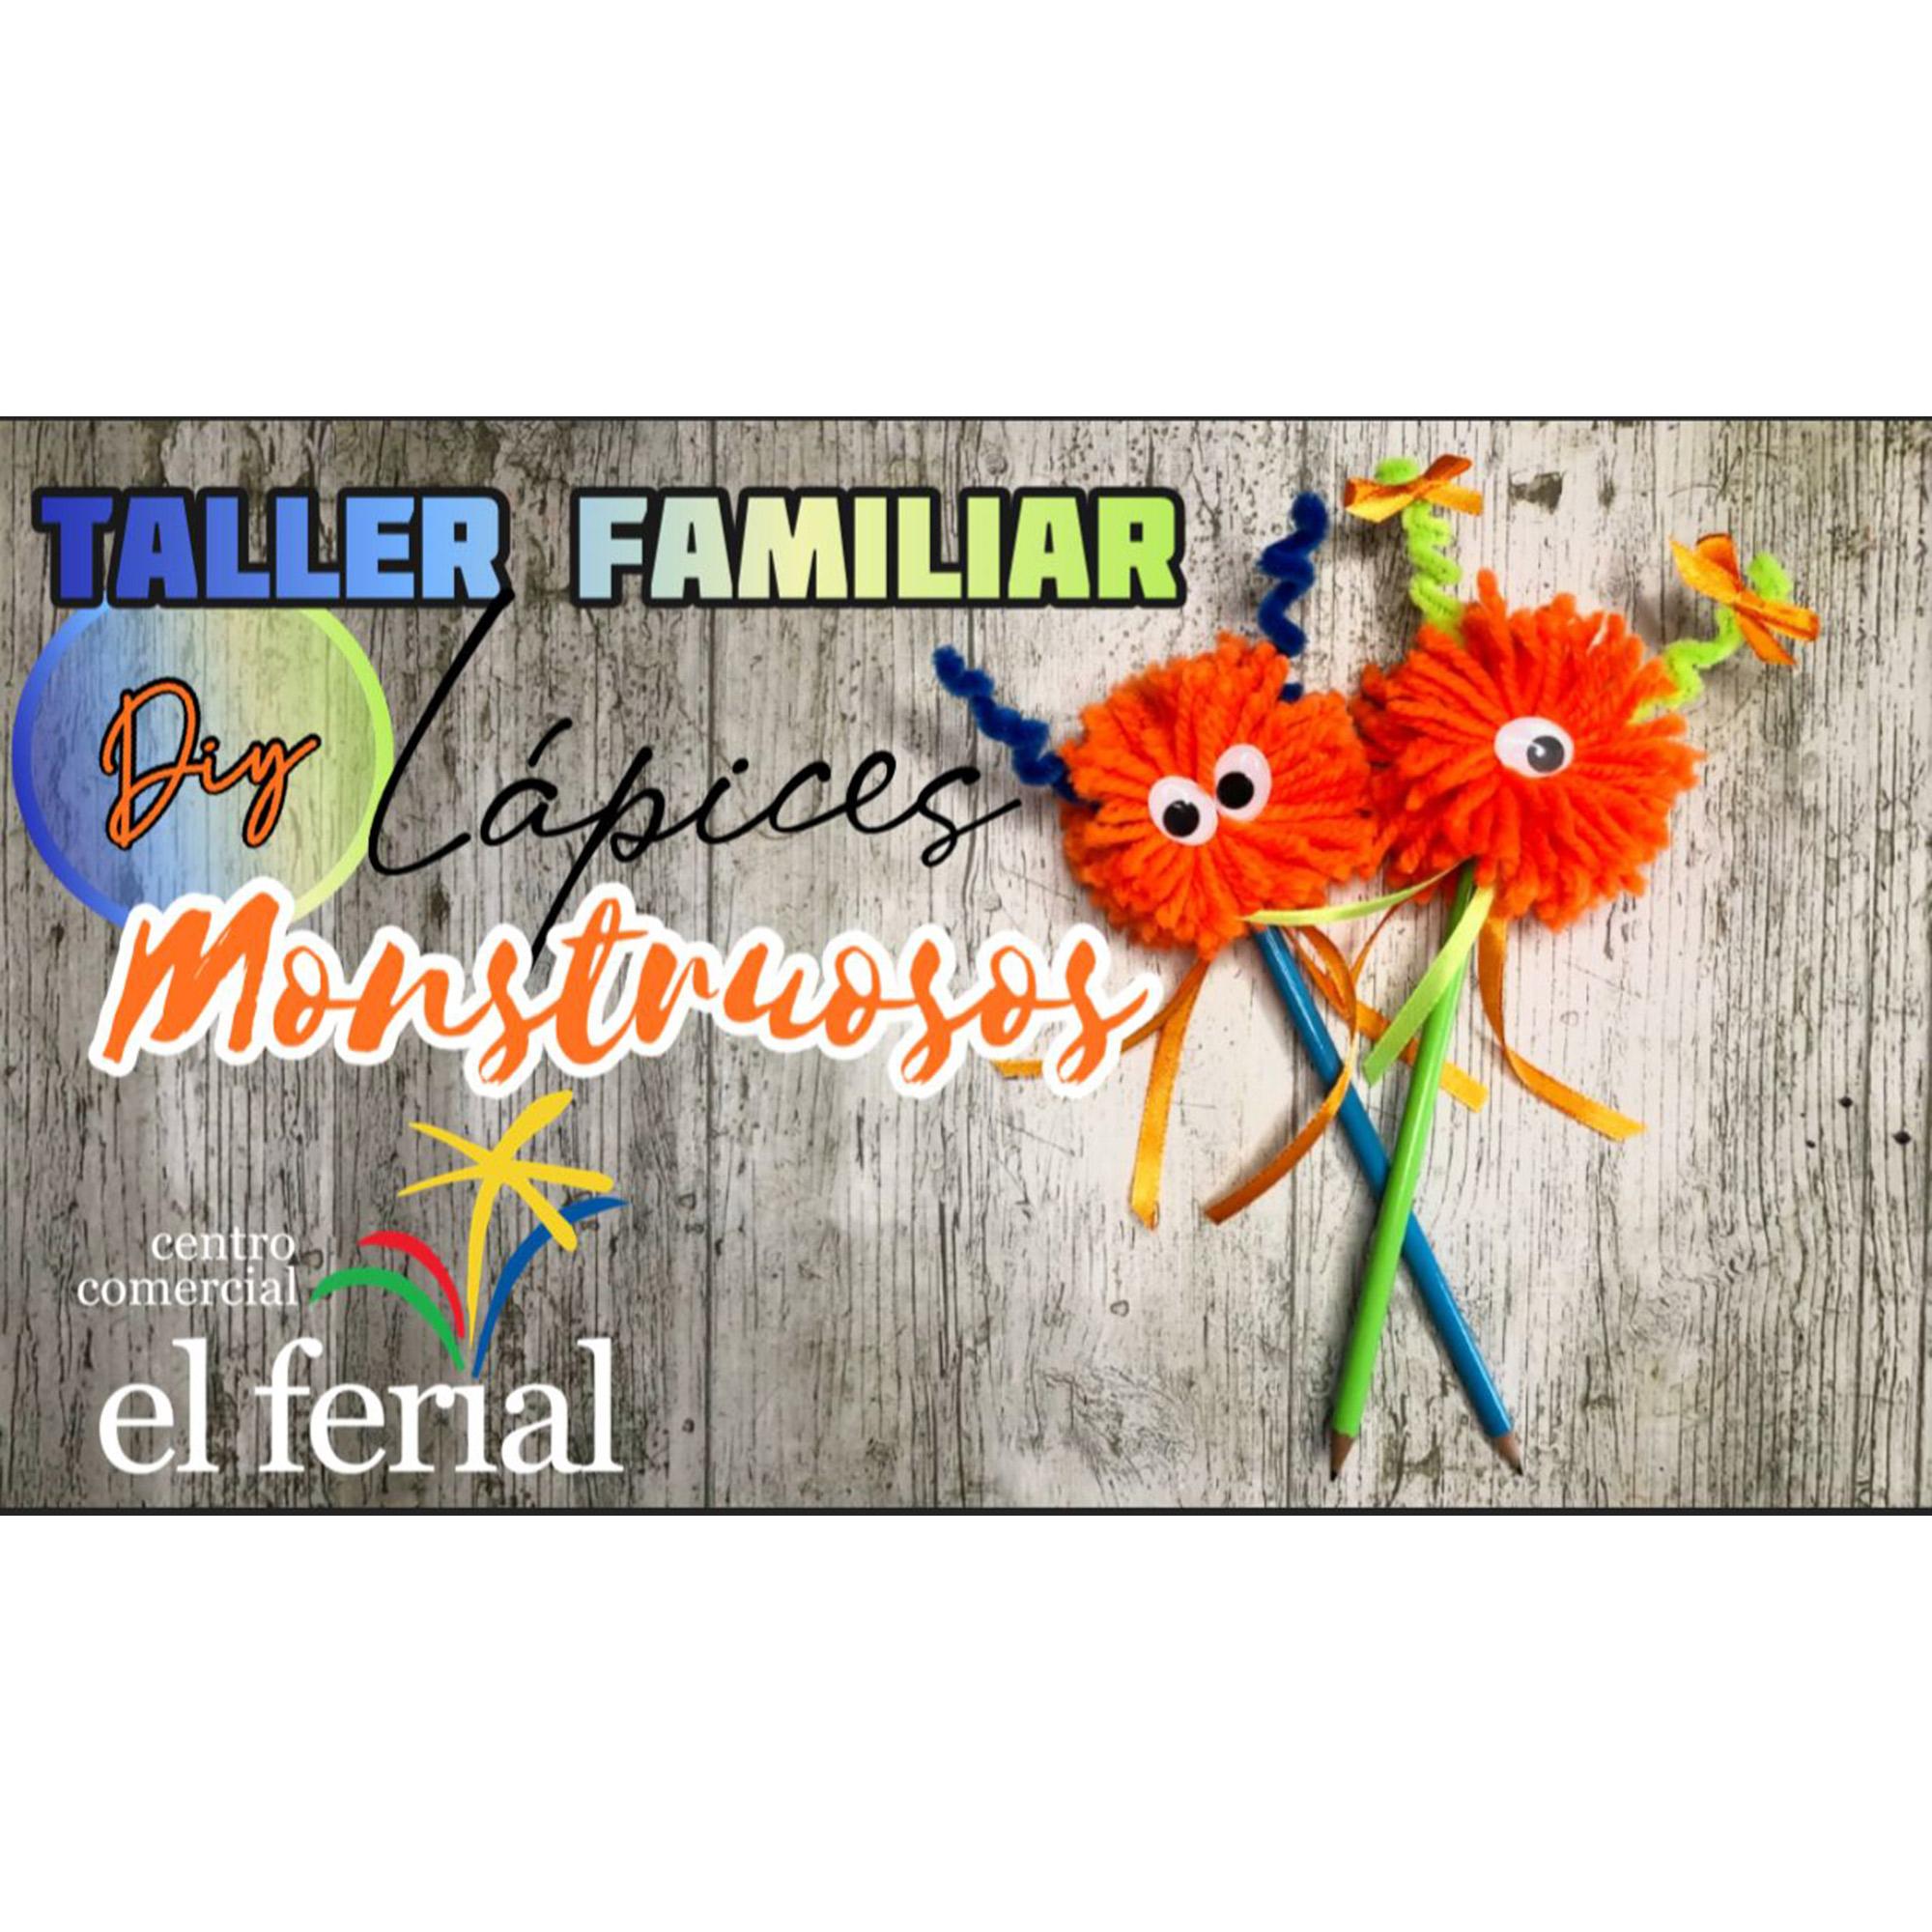 Taller DIY 11/09/2021: Lápices monstruosos